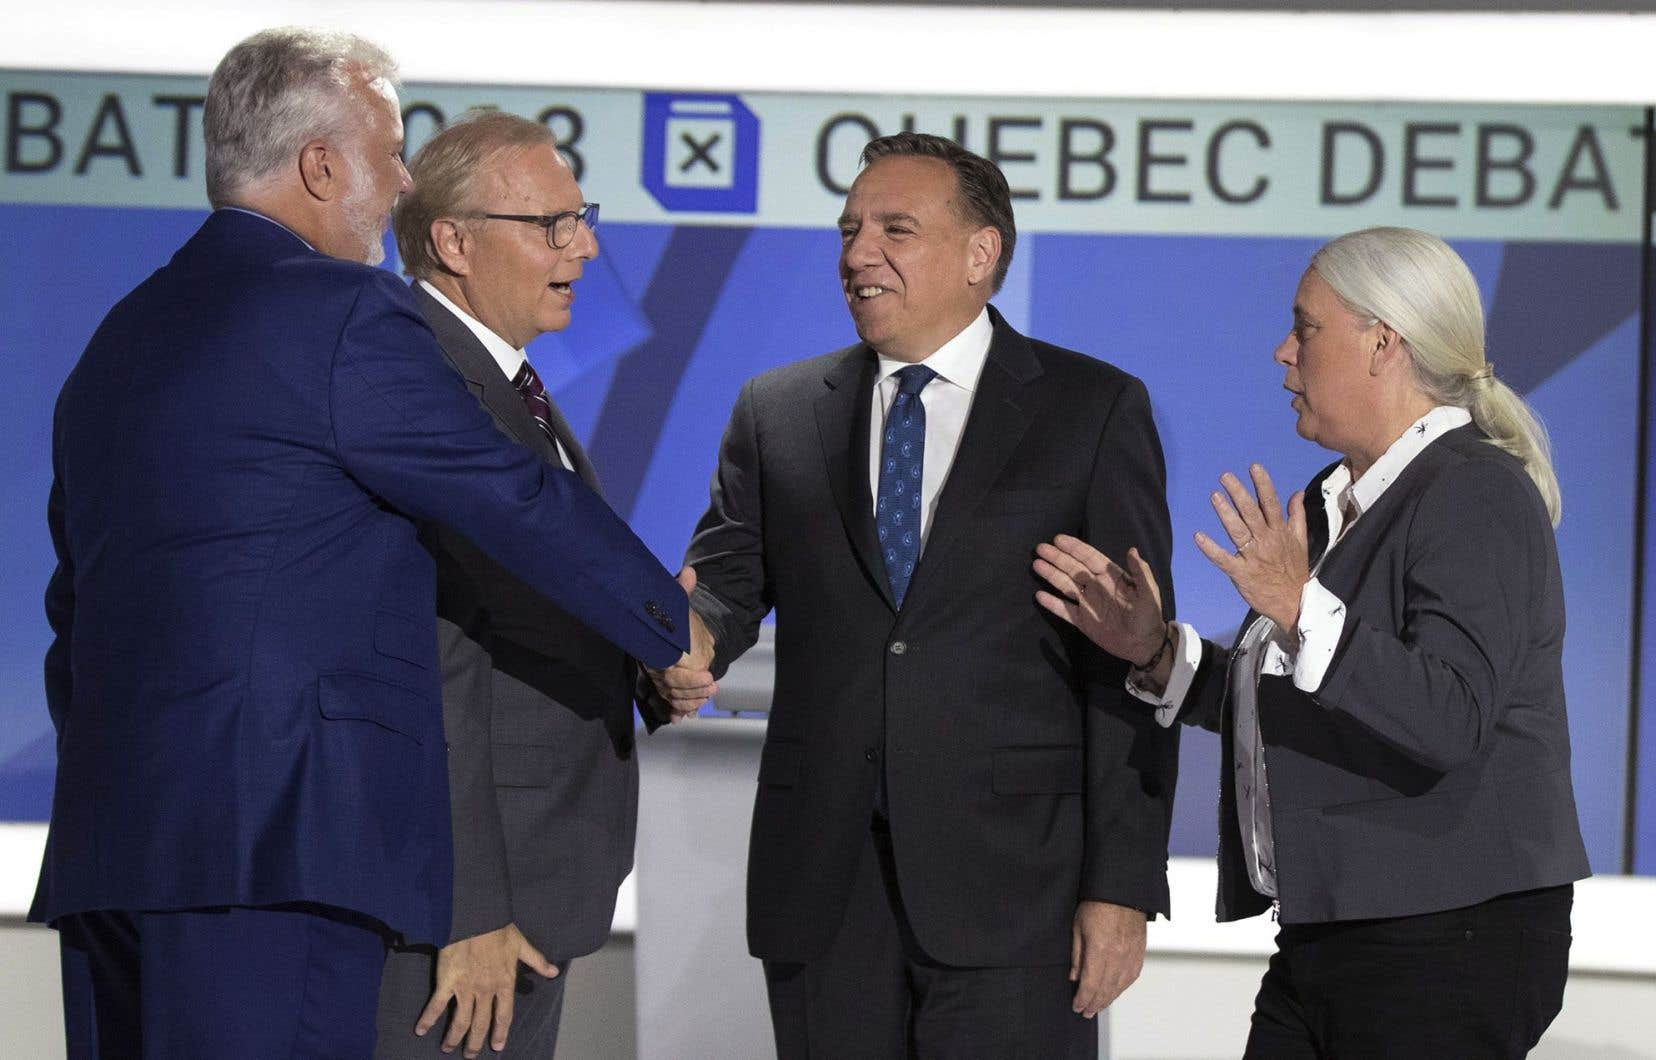 Philippe Couillard, François Legault, Jean-François Lisée et Manon Massé lors du débat des chefs en anglais